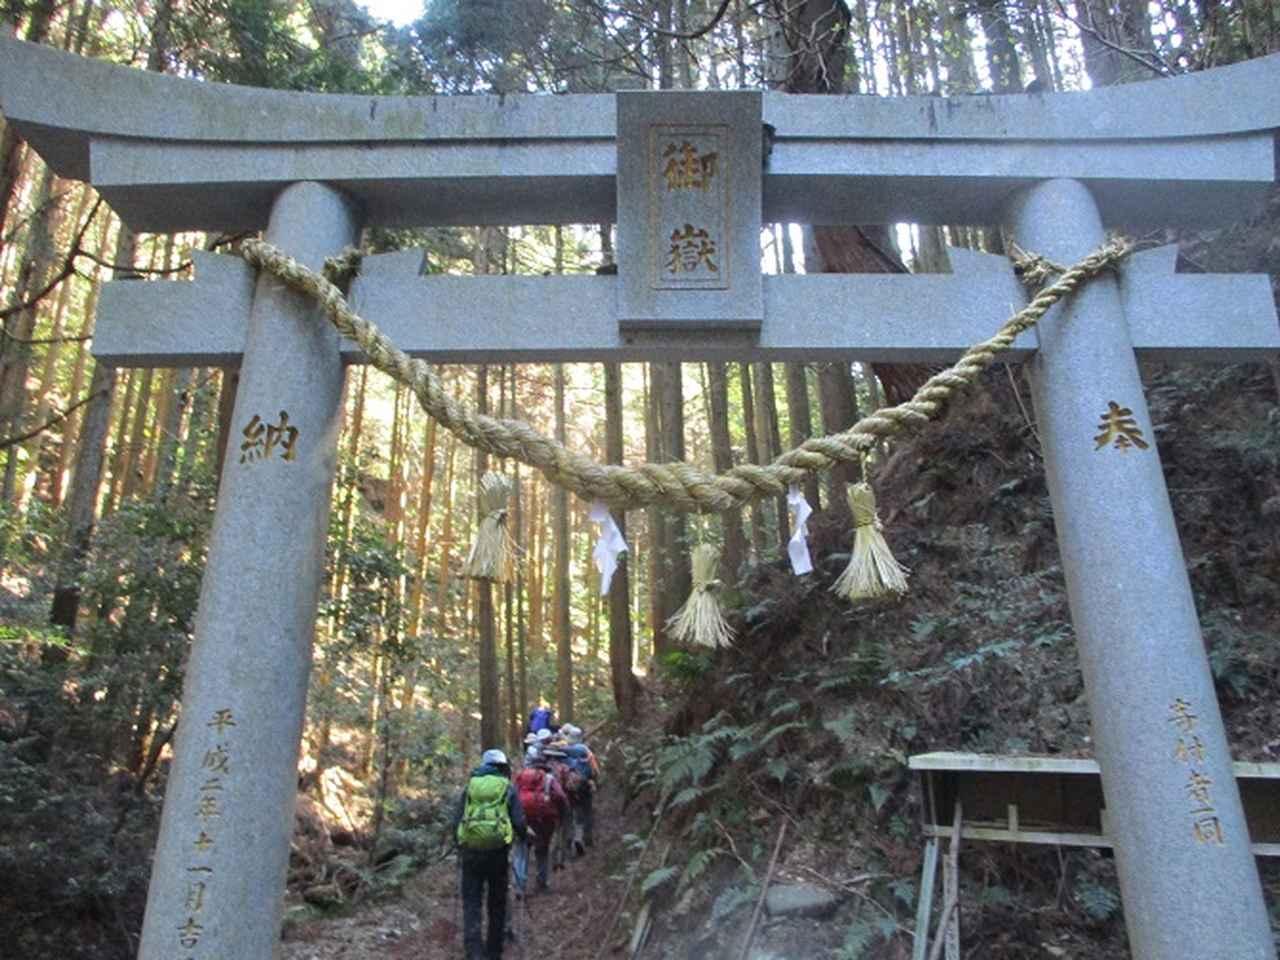 画像1: 【山旅会・登山ガイドこだわりツアー】添乗員からの便り・対馬の御岳へいってきました!